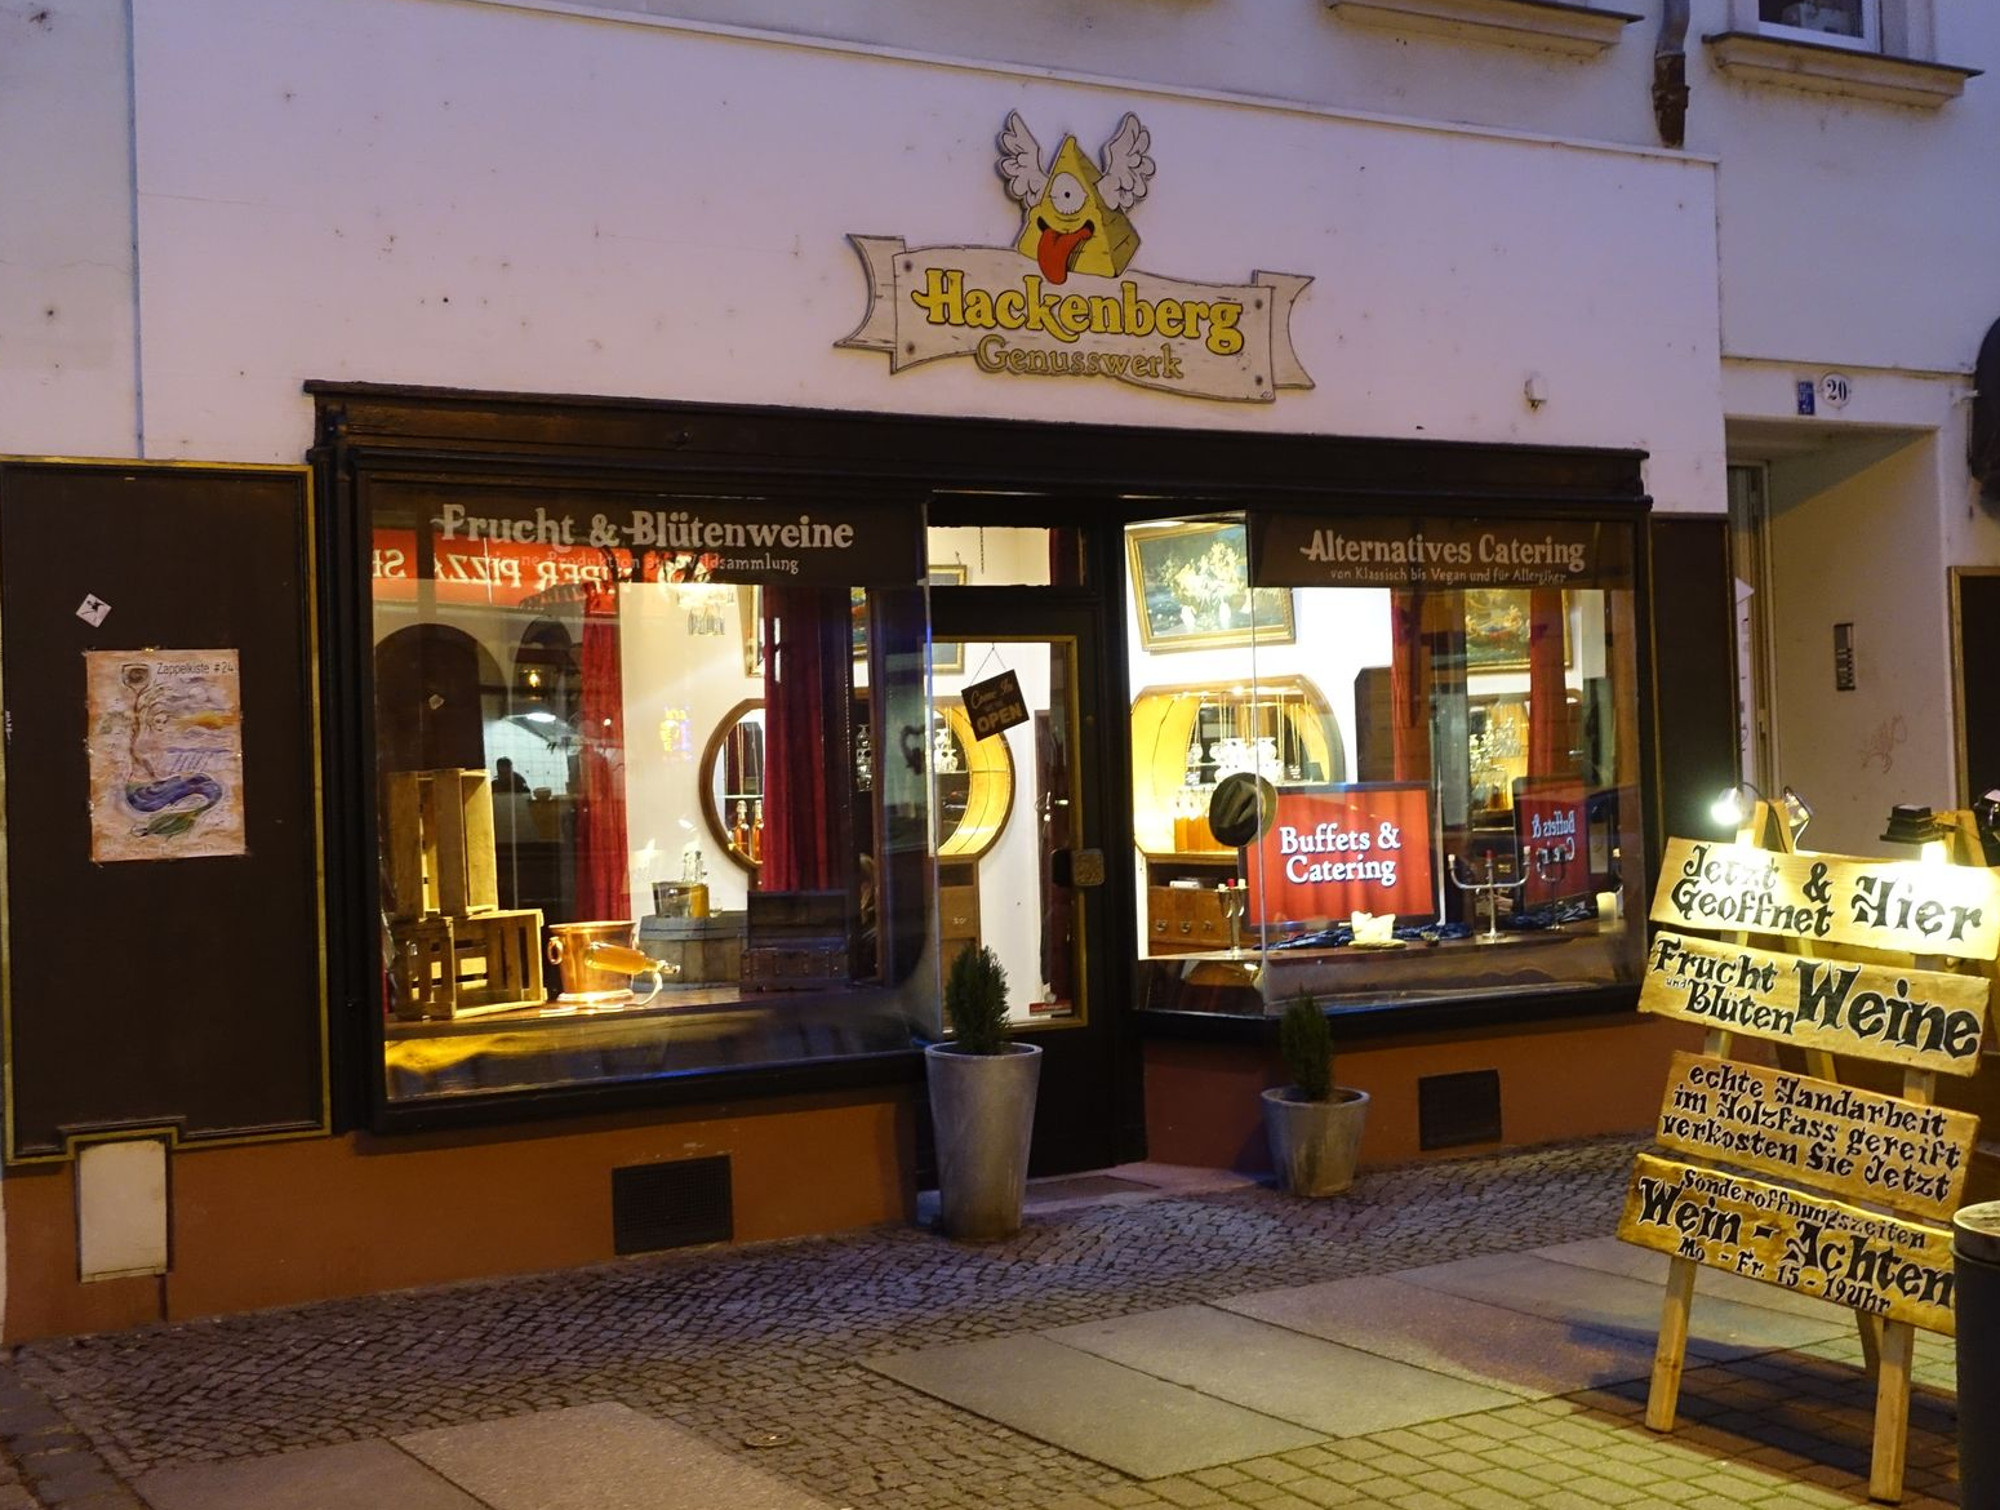 Hackenberg Weingalerie